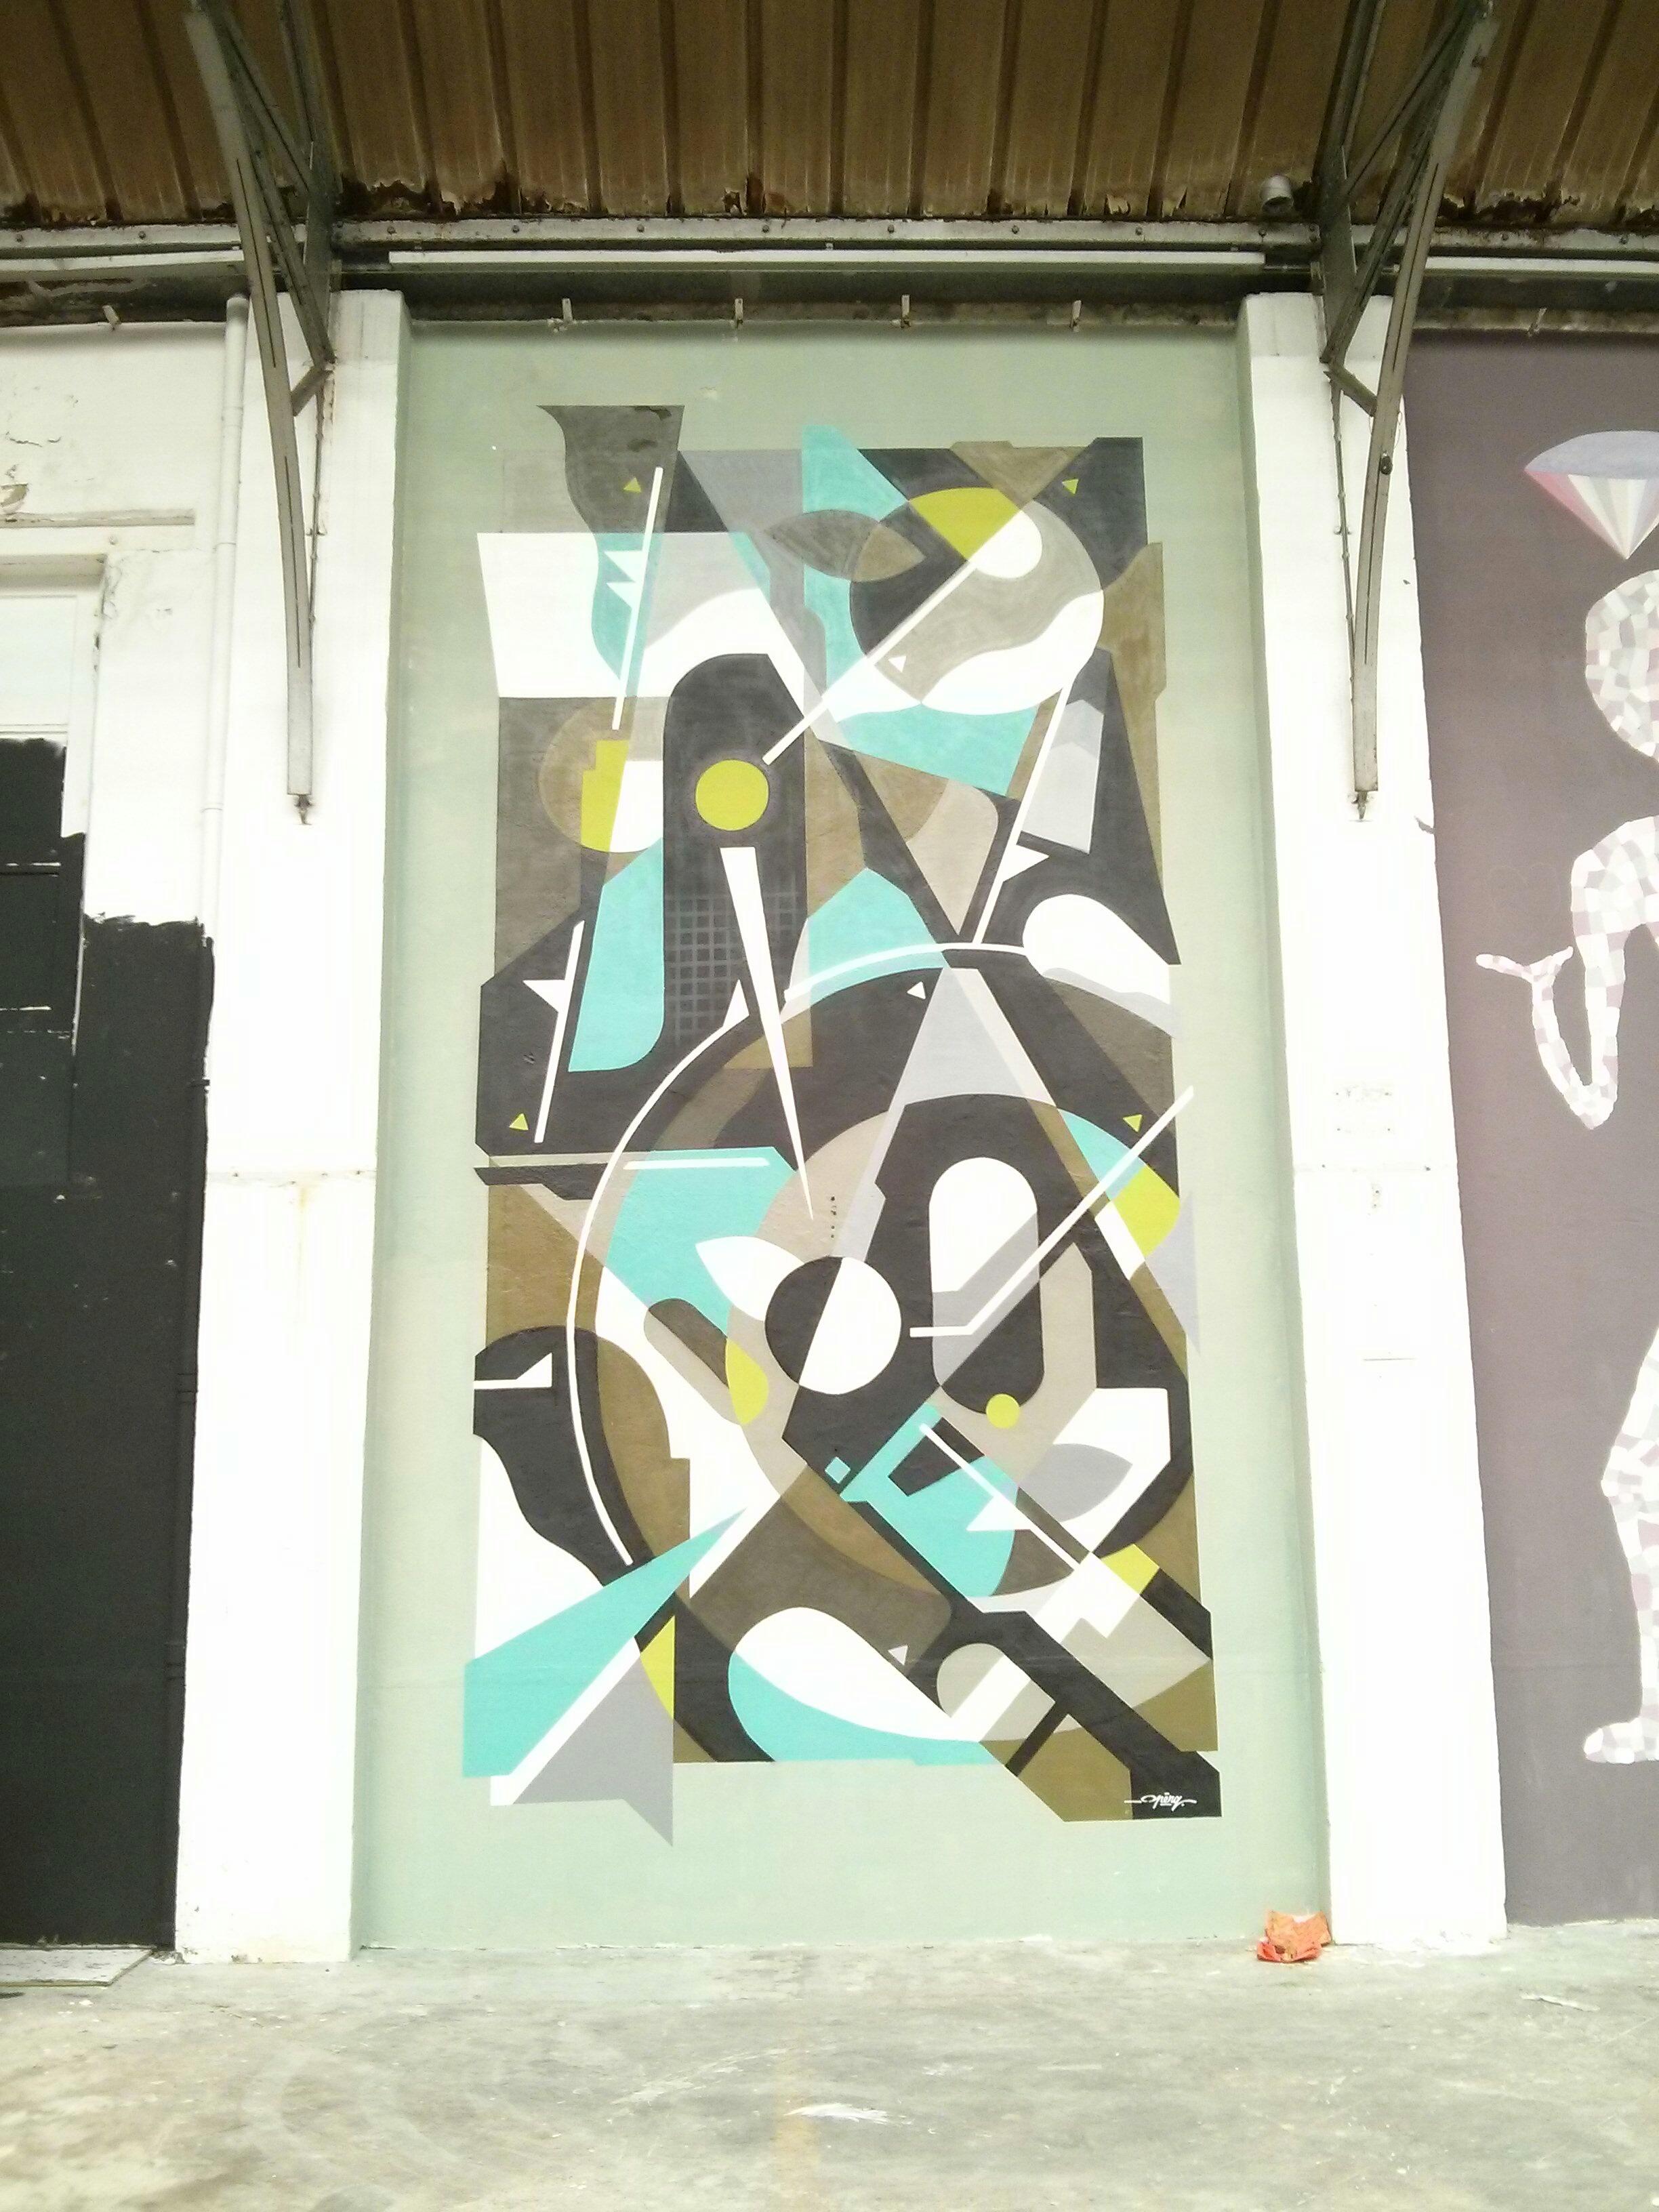 Peinture murale de Grems ayant servi de support publicitaire pour une marque de voiture. Cet espace accueillera un pop-up store. Crédit Photo : © La Veilleuse Graphique